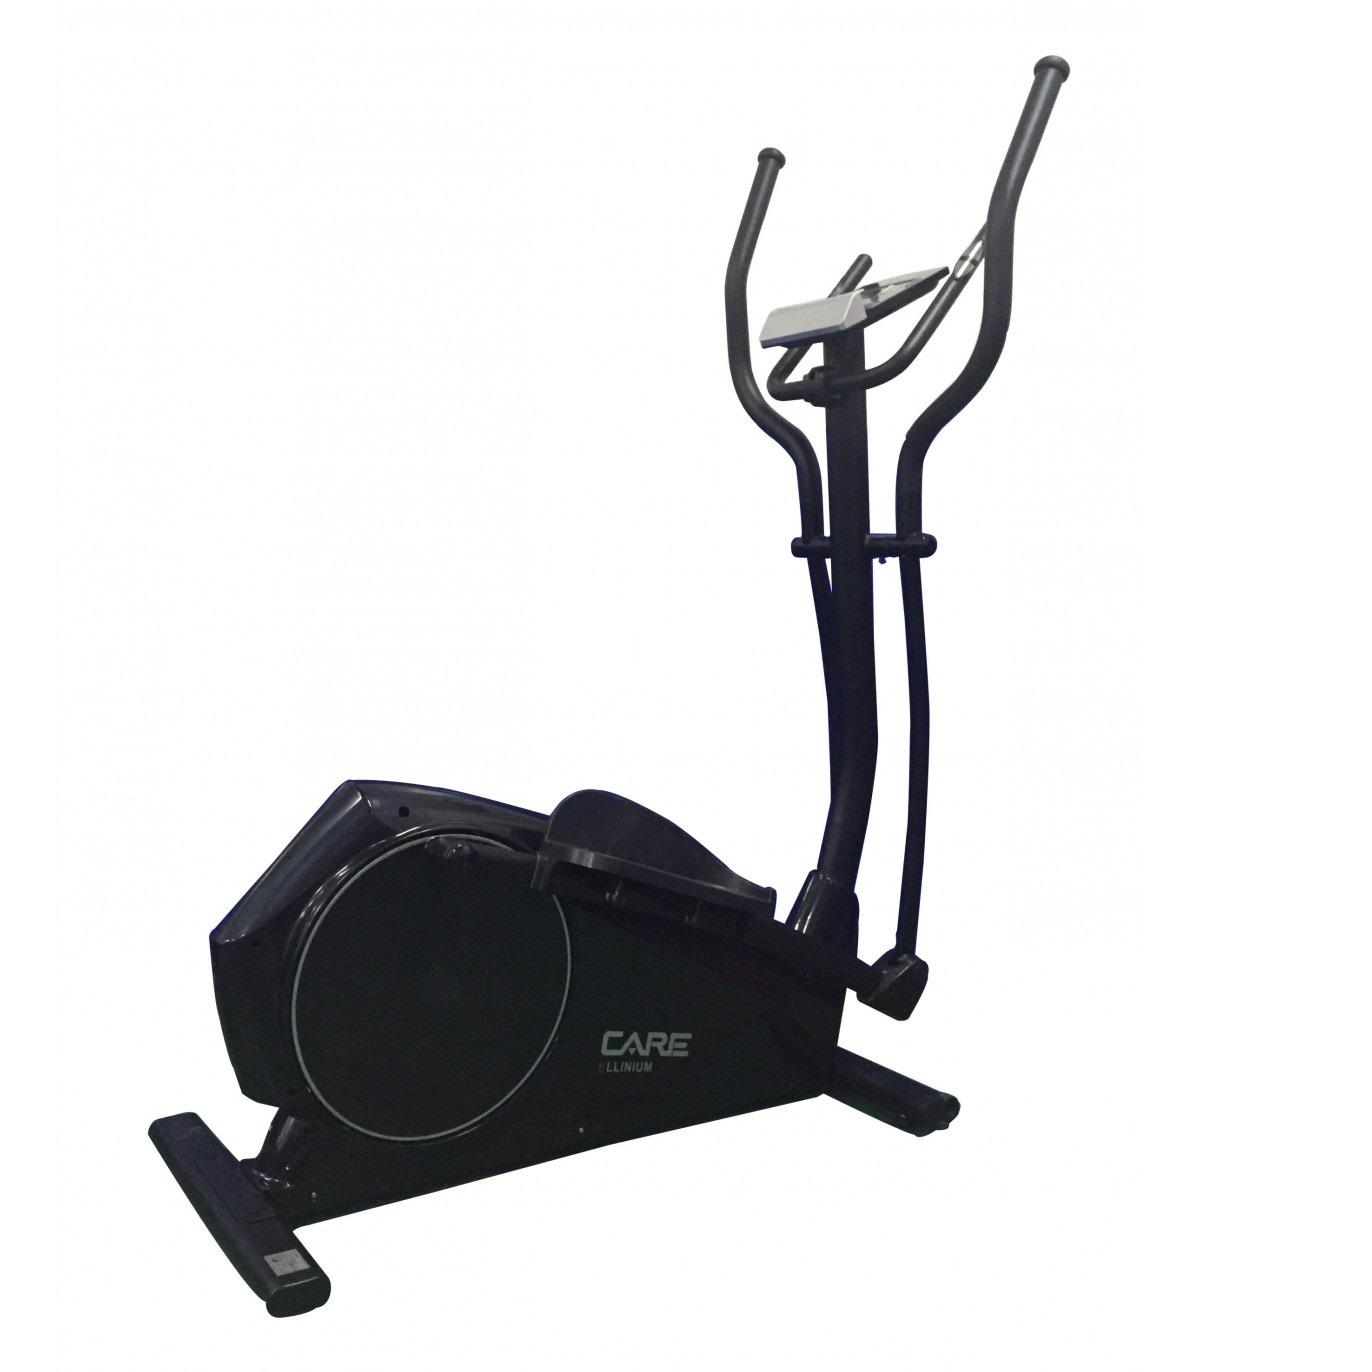 Vélo elliptique Care Ellinium Black